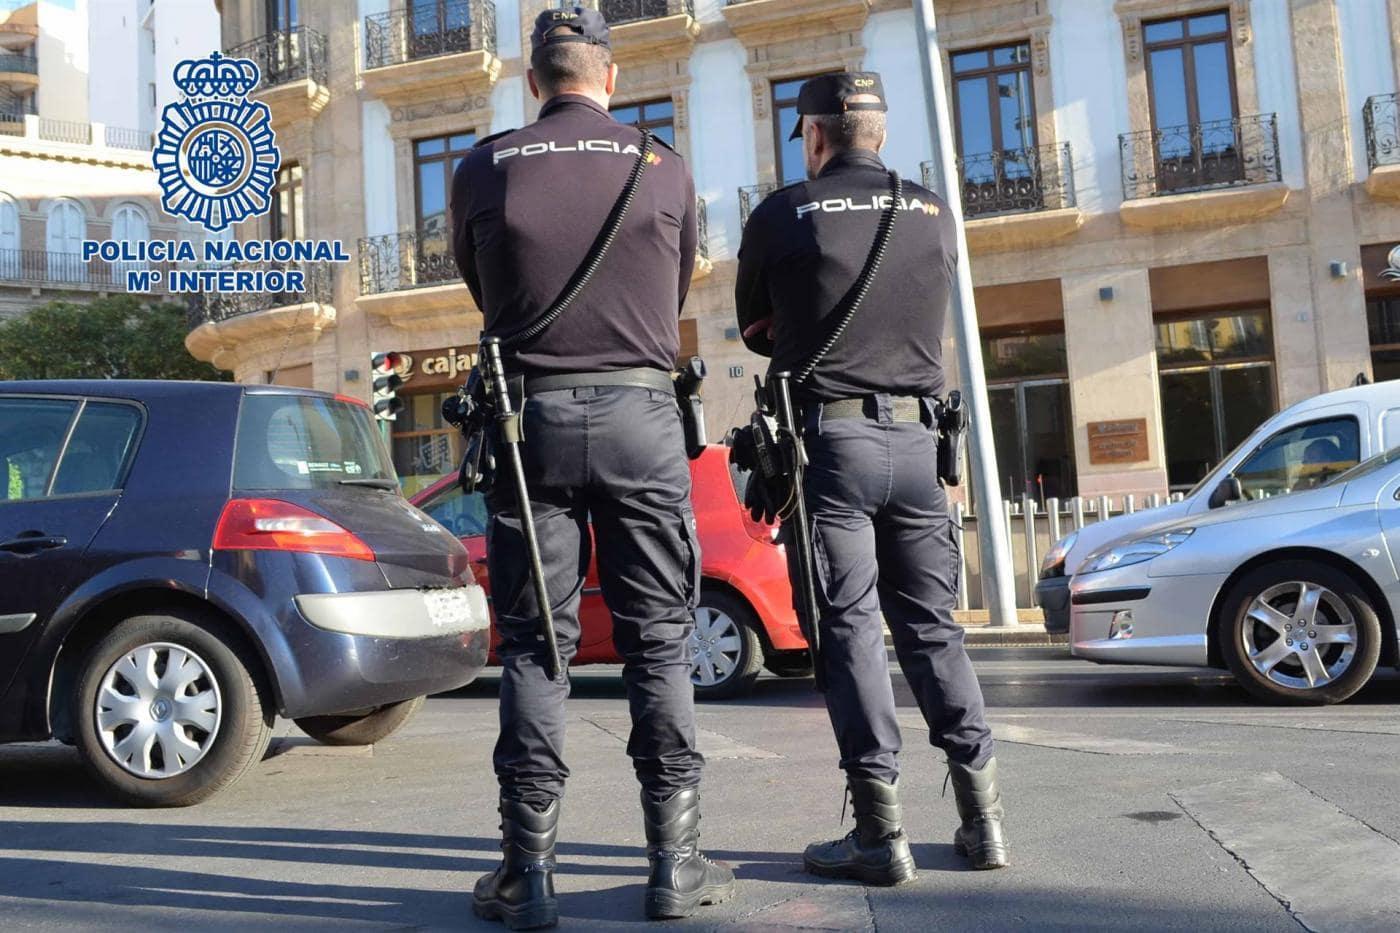 Granadilla de Abona, el municipio de Tenerife donde más subió la criminalidad el pasado año, con un 5,6 % de aumento y un total de 1.856 delitos denunciados